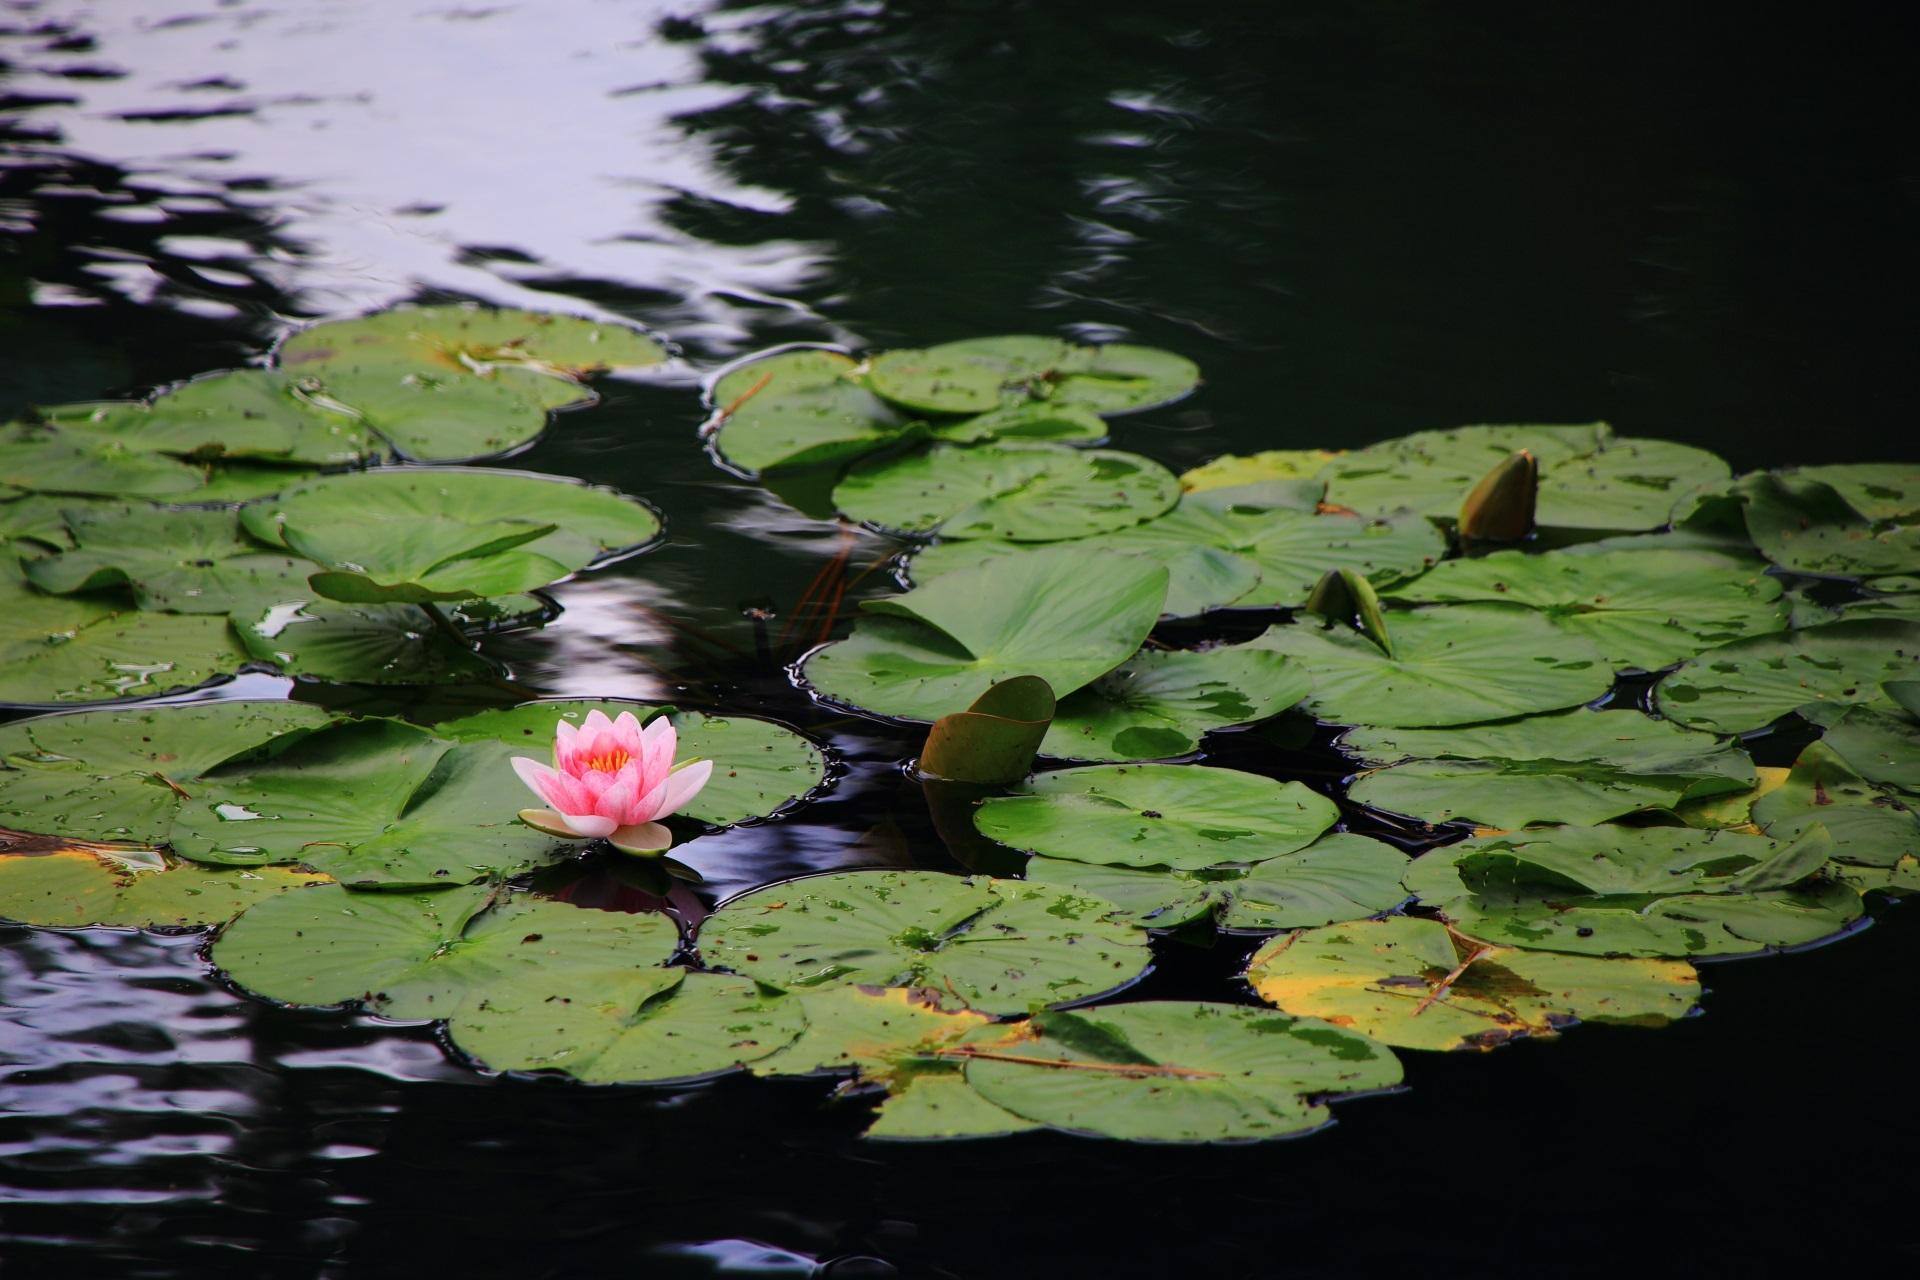 相国寺の可愛らしい睡蓮(スイレン)